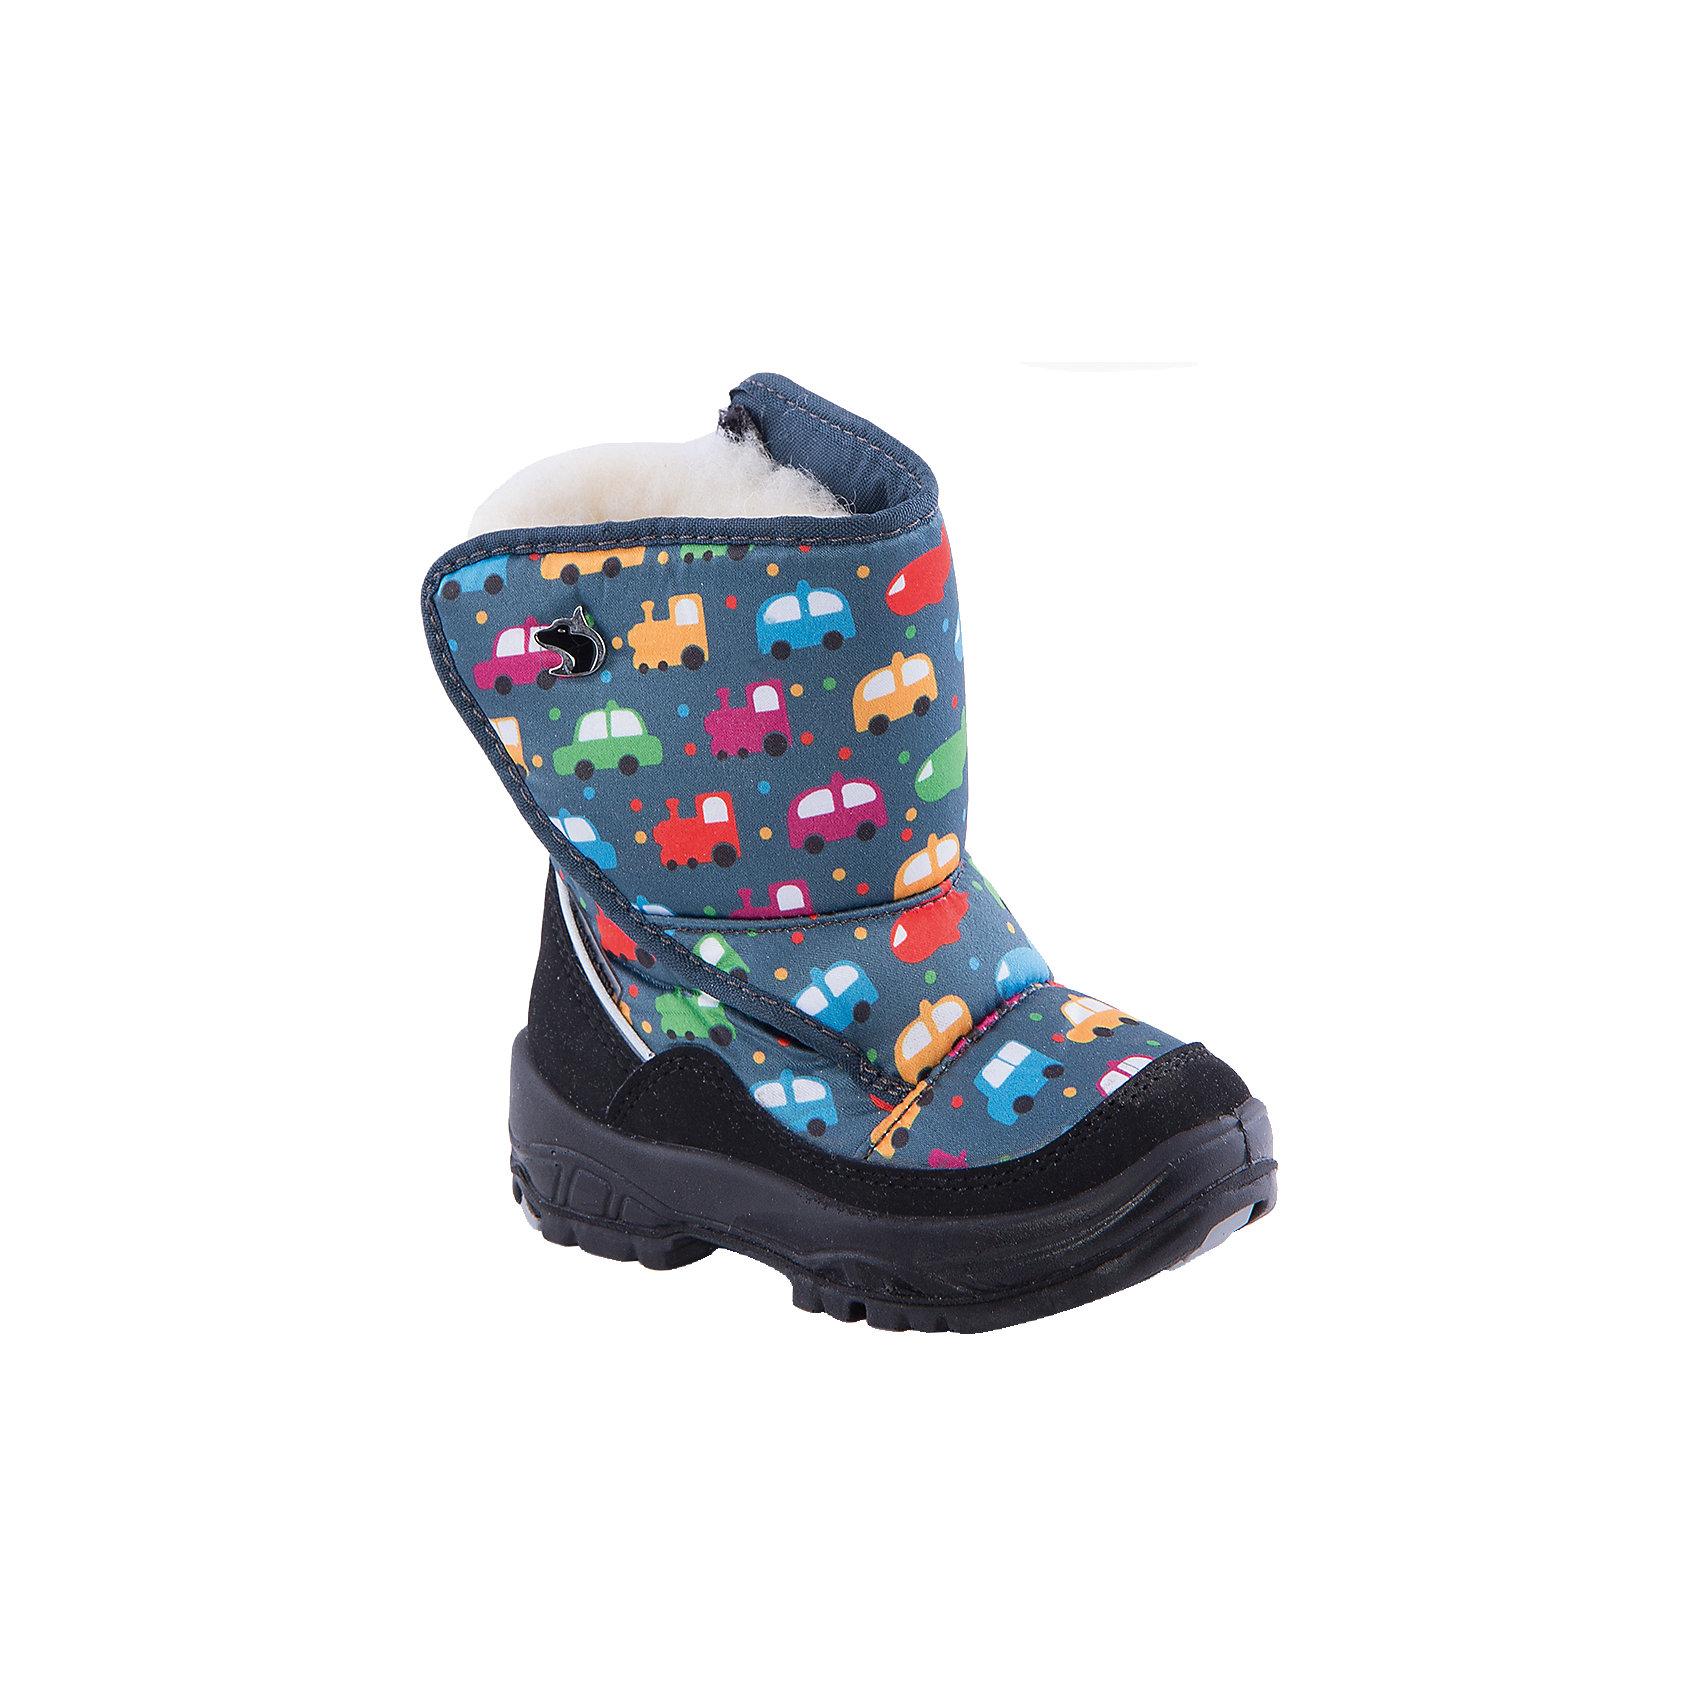 Сапоги  Alaska OriginaleМембранная обувь AlaskaOriginale - это стильная, удобная и высокотехнологичная обувь нового поколения, которая при любой погоде остается сухой и теплой. Полиуретановая литая подошва с системой «ANTISLIDE» обеспечивает превосходное сцепление, высокую устойчивость к деформациям, низким температурами и гарантирует полную водонепроницаемость. Мембрана позволяет стопе «дышать», сохраняя ее сухой. Благодаря всем этим свойствам обувь обеспечивает комфорт при ношении от +5 до -25 градусов.<br><br>Состав: <br>Материалы верха:Текстильные материалы.Подкладка:Шерсть.Подошва:Полиуретан+Термоэластопласт<br><br>Ширина мм: 257<br>Глубина мм: 180<br>Высота мм: 130<br>Вес г: 420<br>Цвет: синий<br>Возраст от месяцев: 12<br>Возраст до месяцев: 15<br>Пол: Мужской<br>Возраст: Детский<br>Размер: 21,20,22,23,24,25,27,26<br>SKU: 4399058